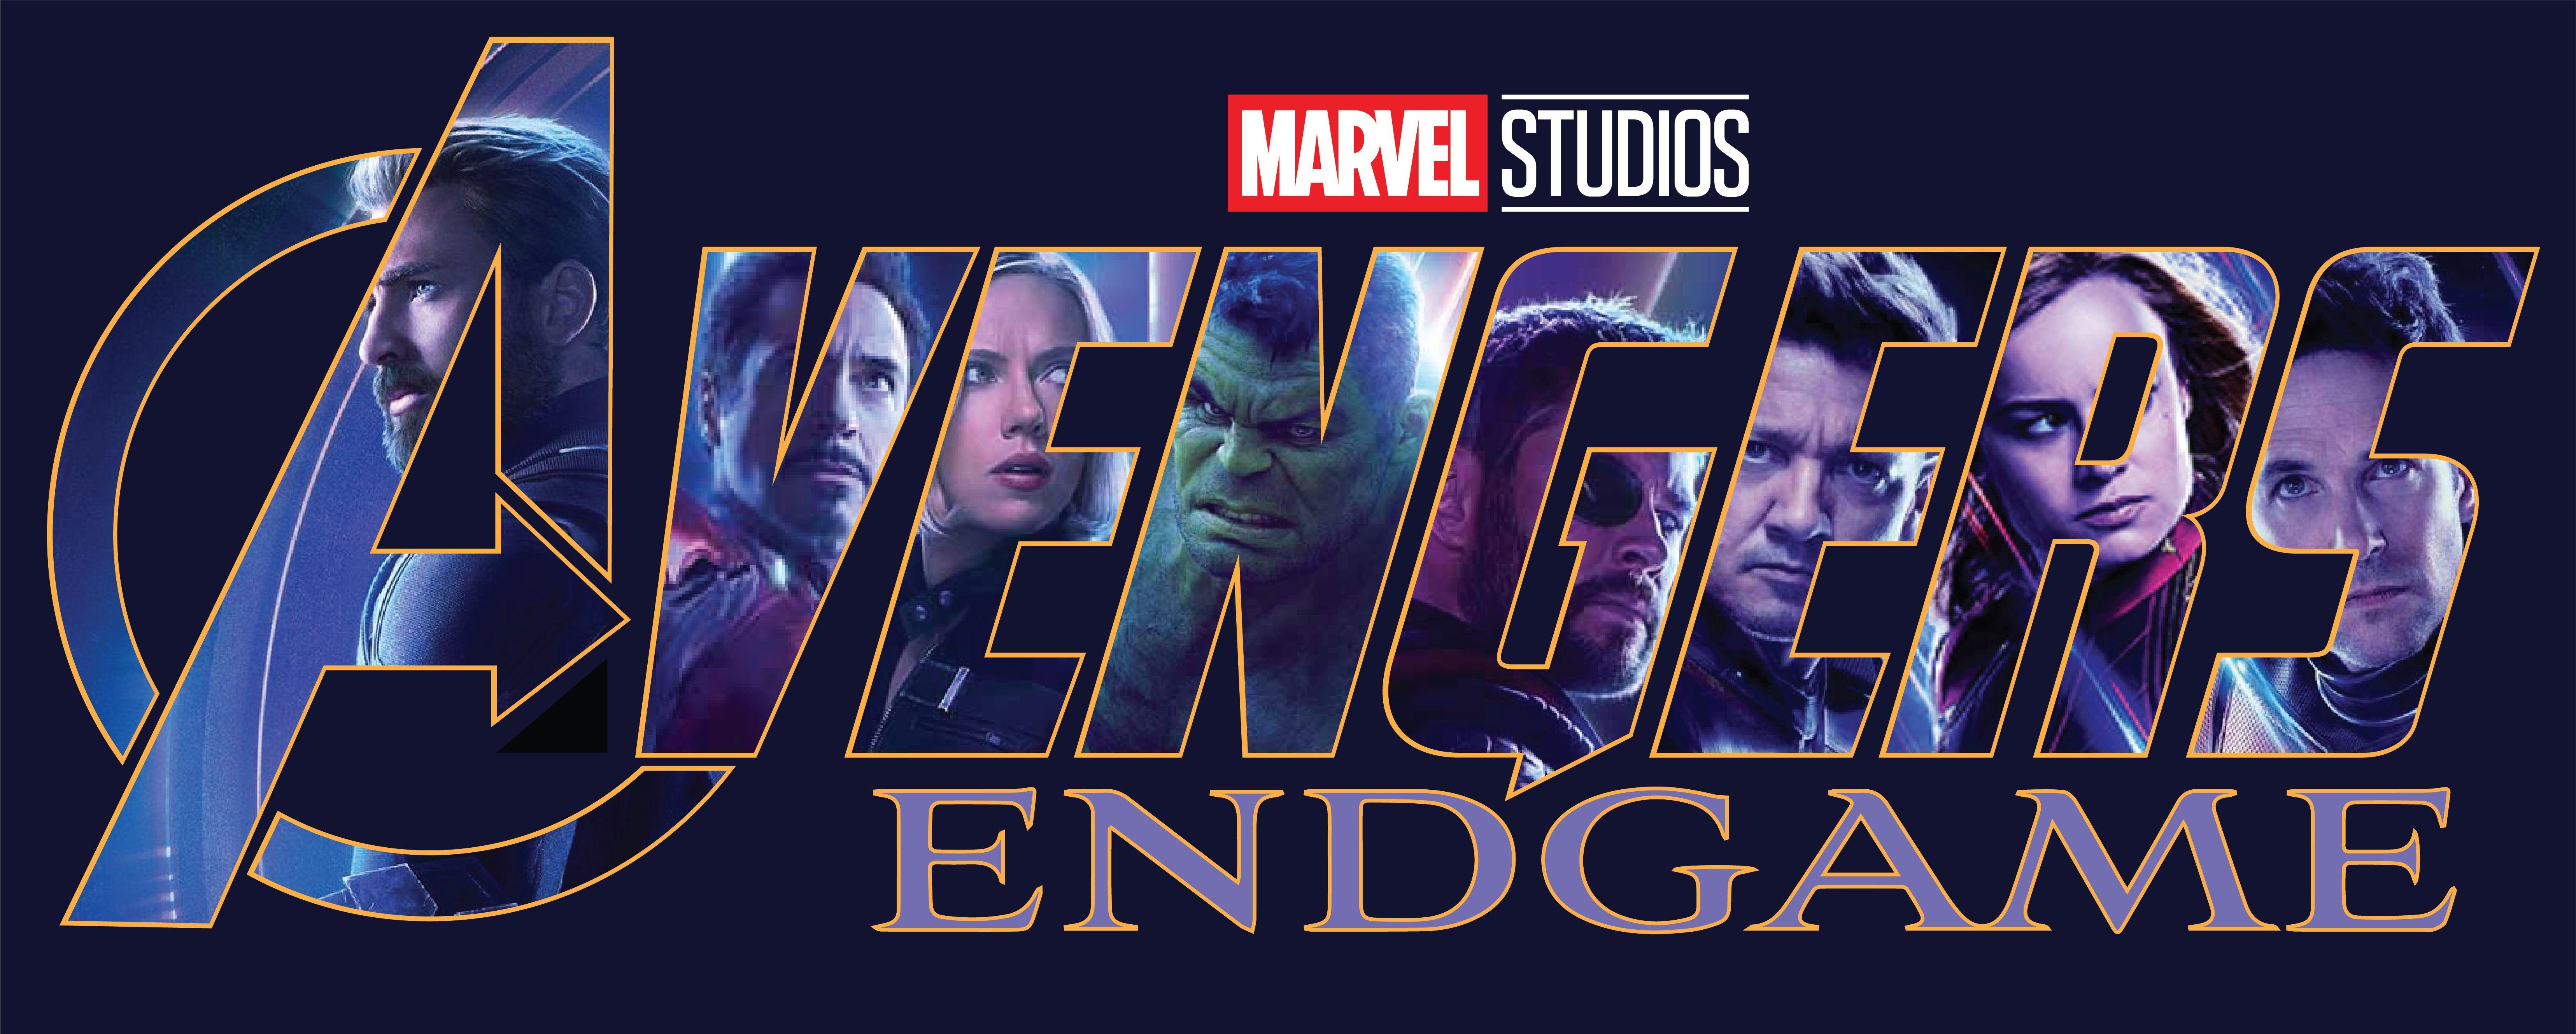 Avengers Endgame wordt één van de grootste film van 2019 aan de Box Office België